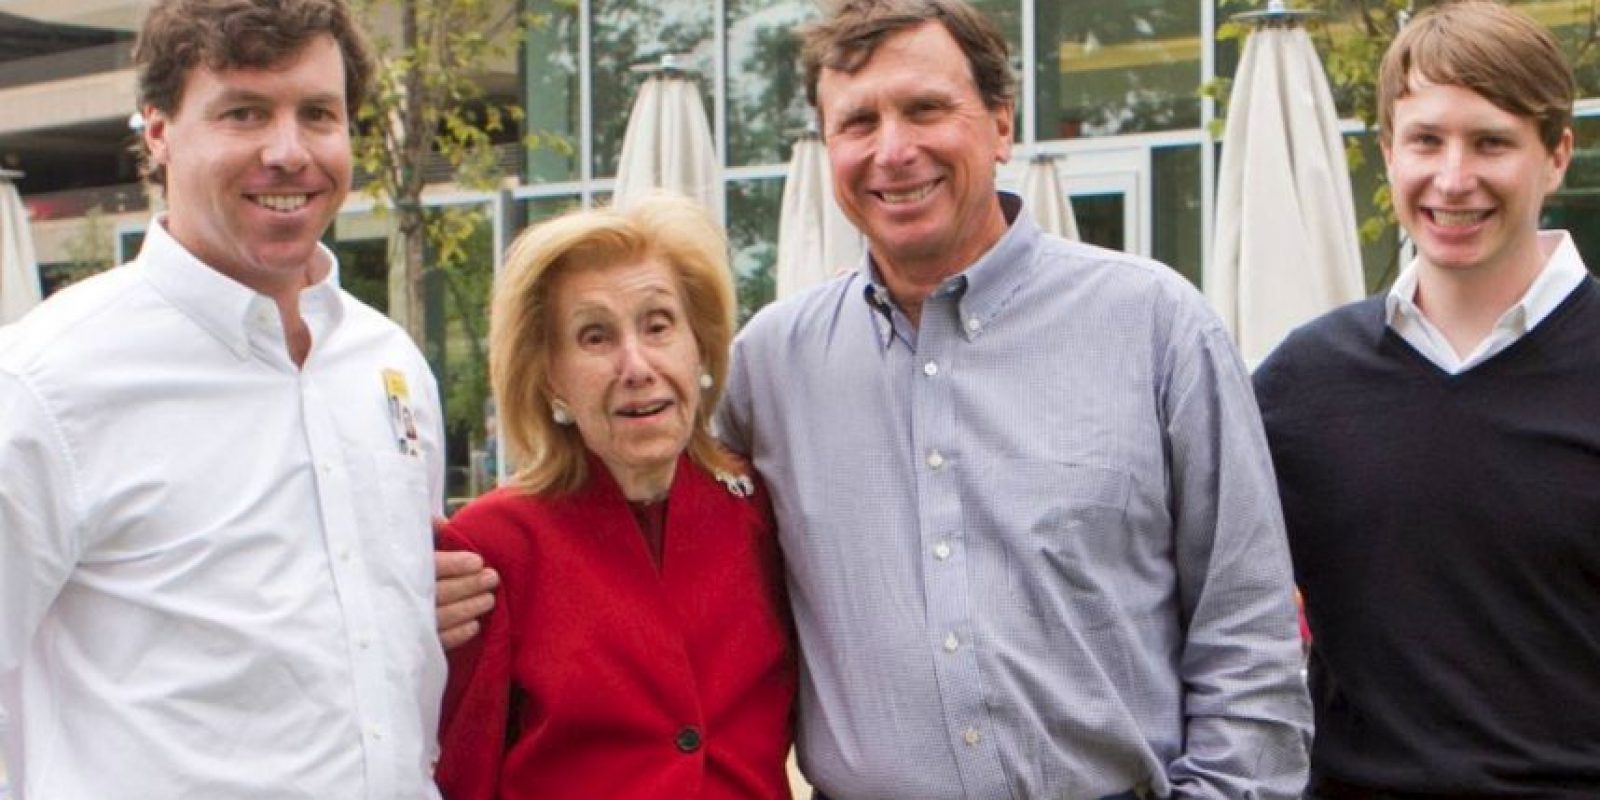 7. La estadounidense Anne Cox Chambers ha forjado una fortuna estimada en 17 mil millones de dólares, con su empresa de telecomunicaciones Cox. Foto:Vía facebook.com/CoxEnterprises